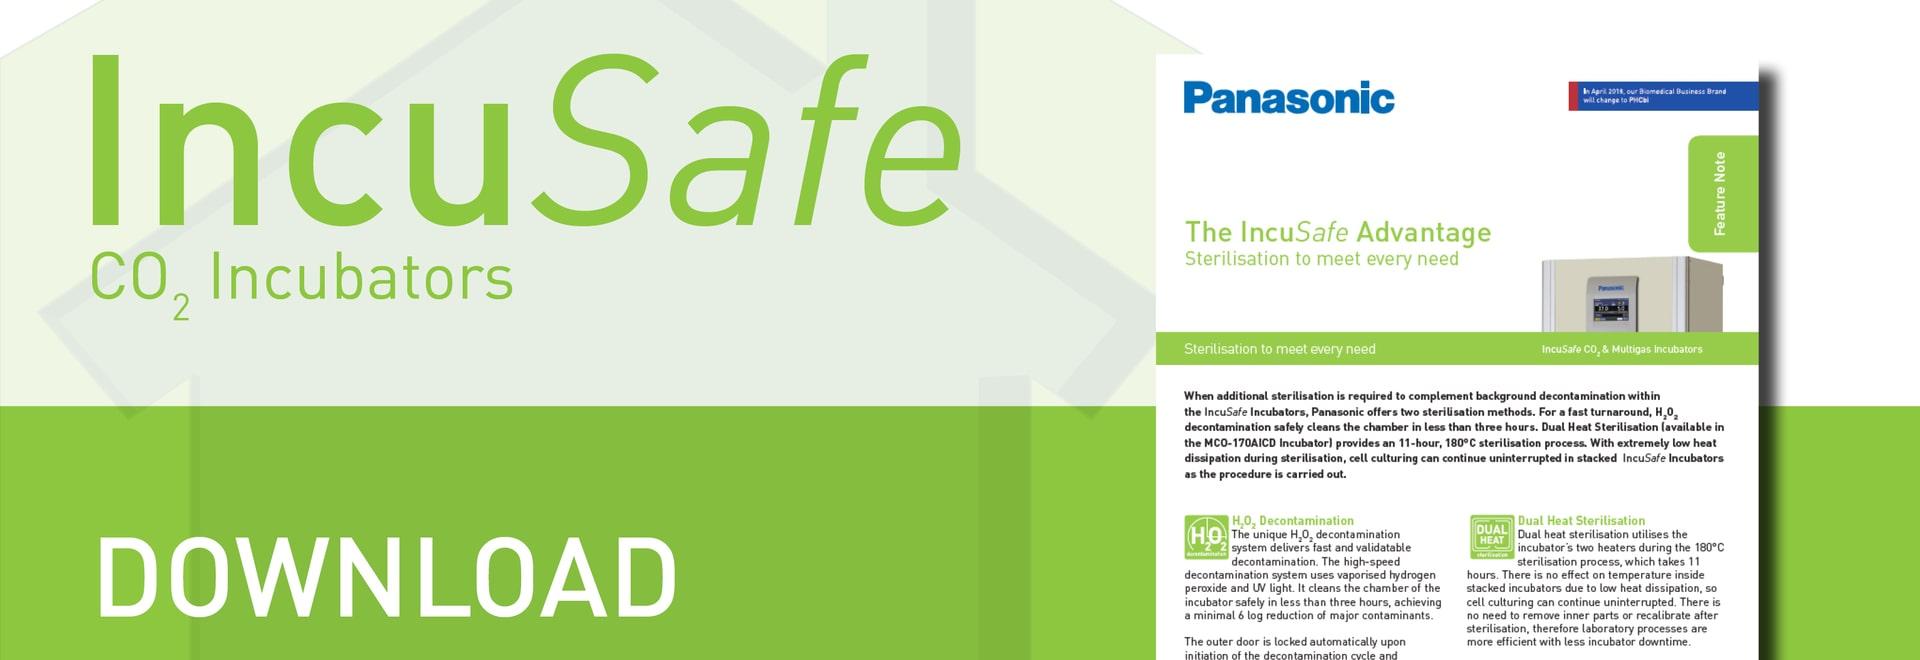 L'avantage d'IncuSafe : Stérilisation qui répond à chaque besoin